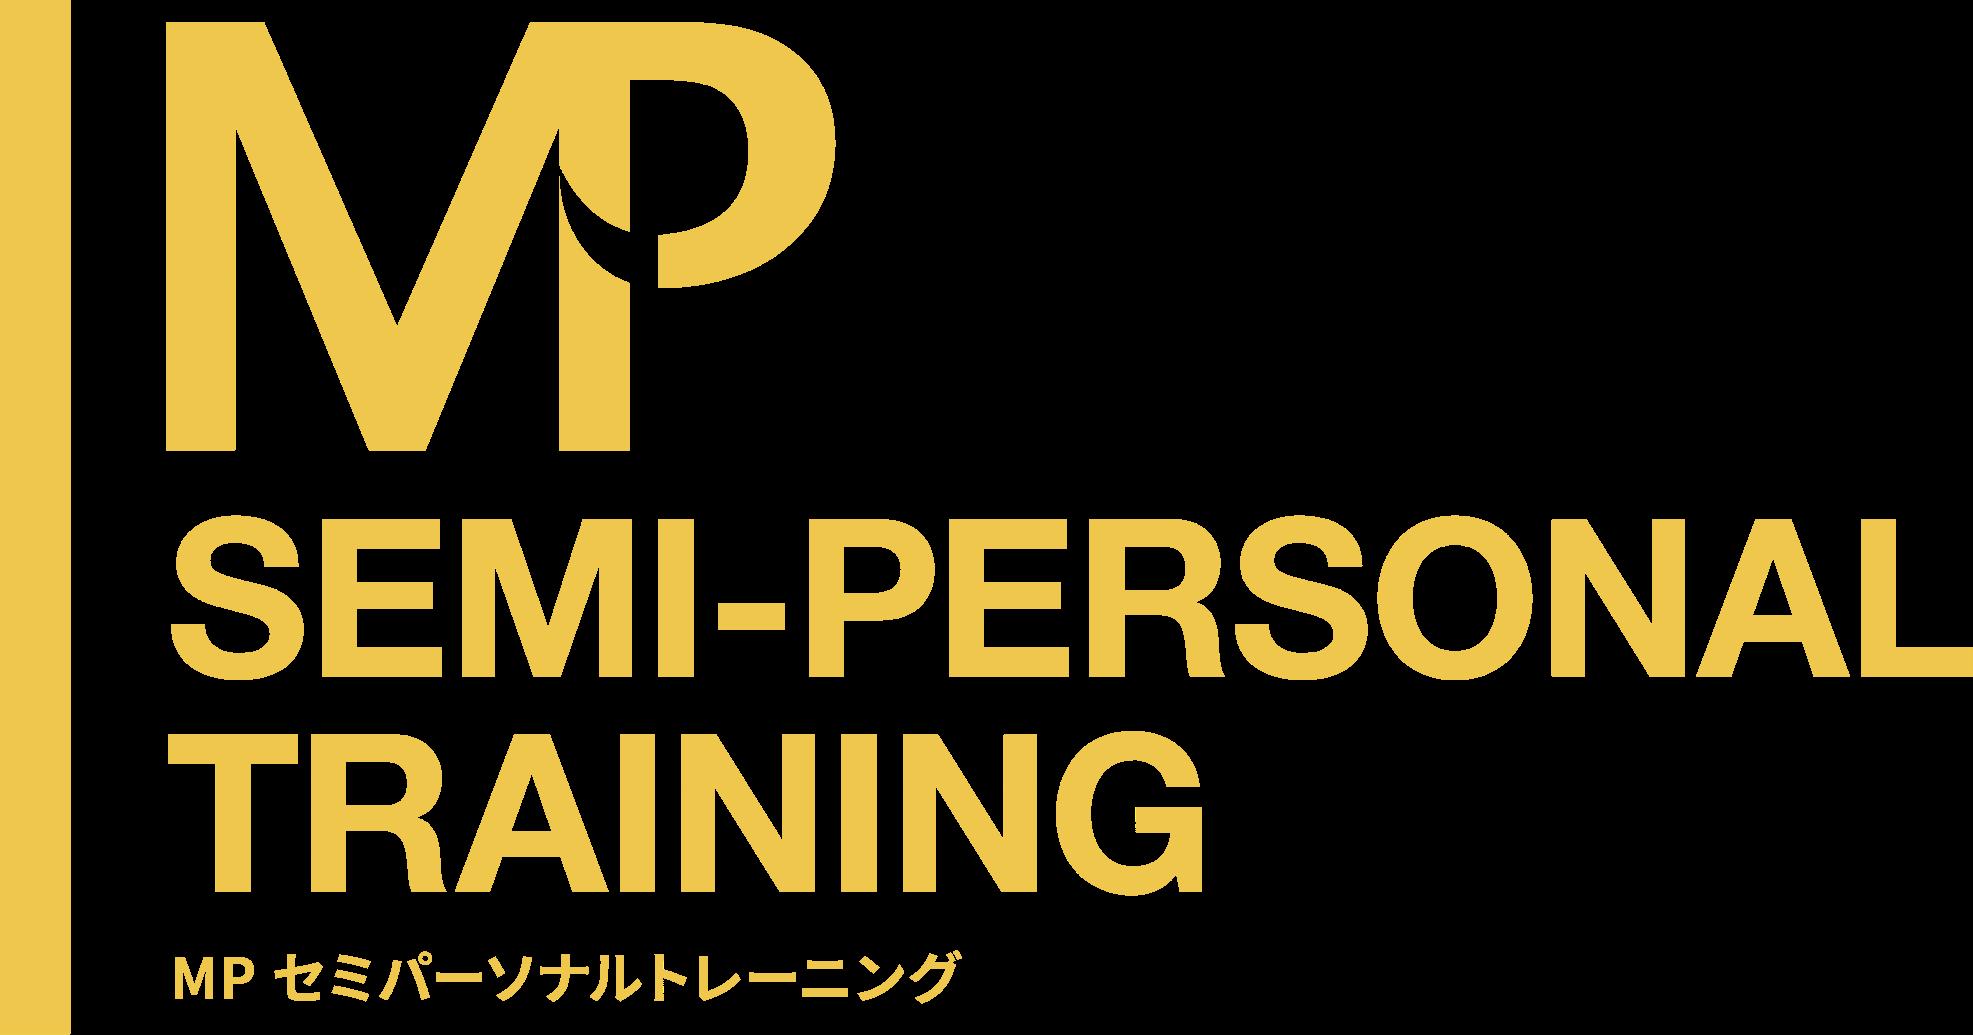 MP セミパーソナルトレーニング